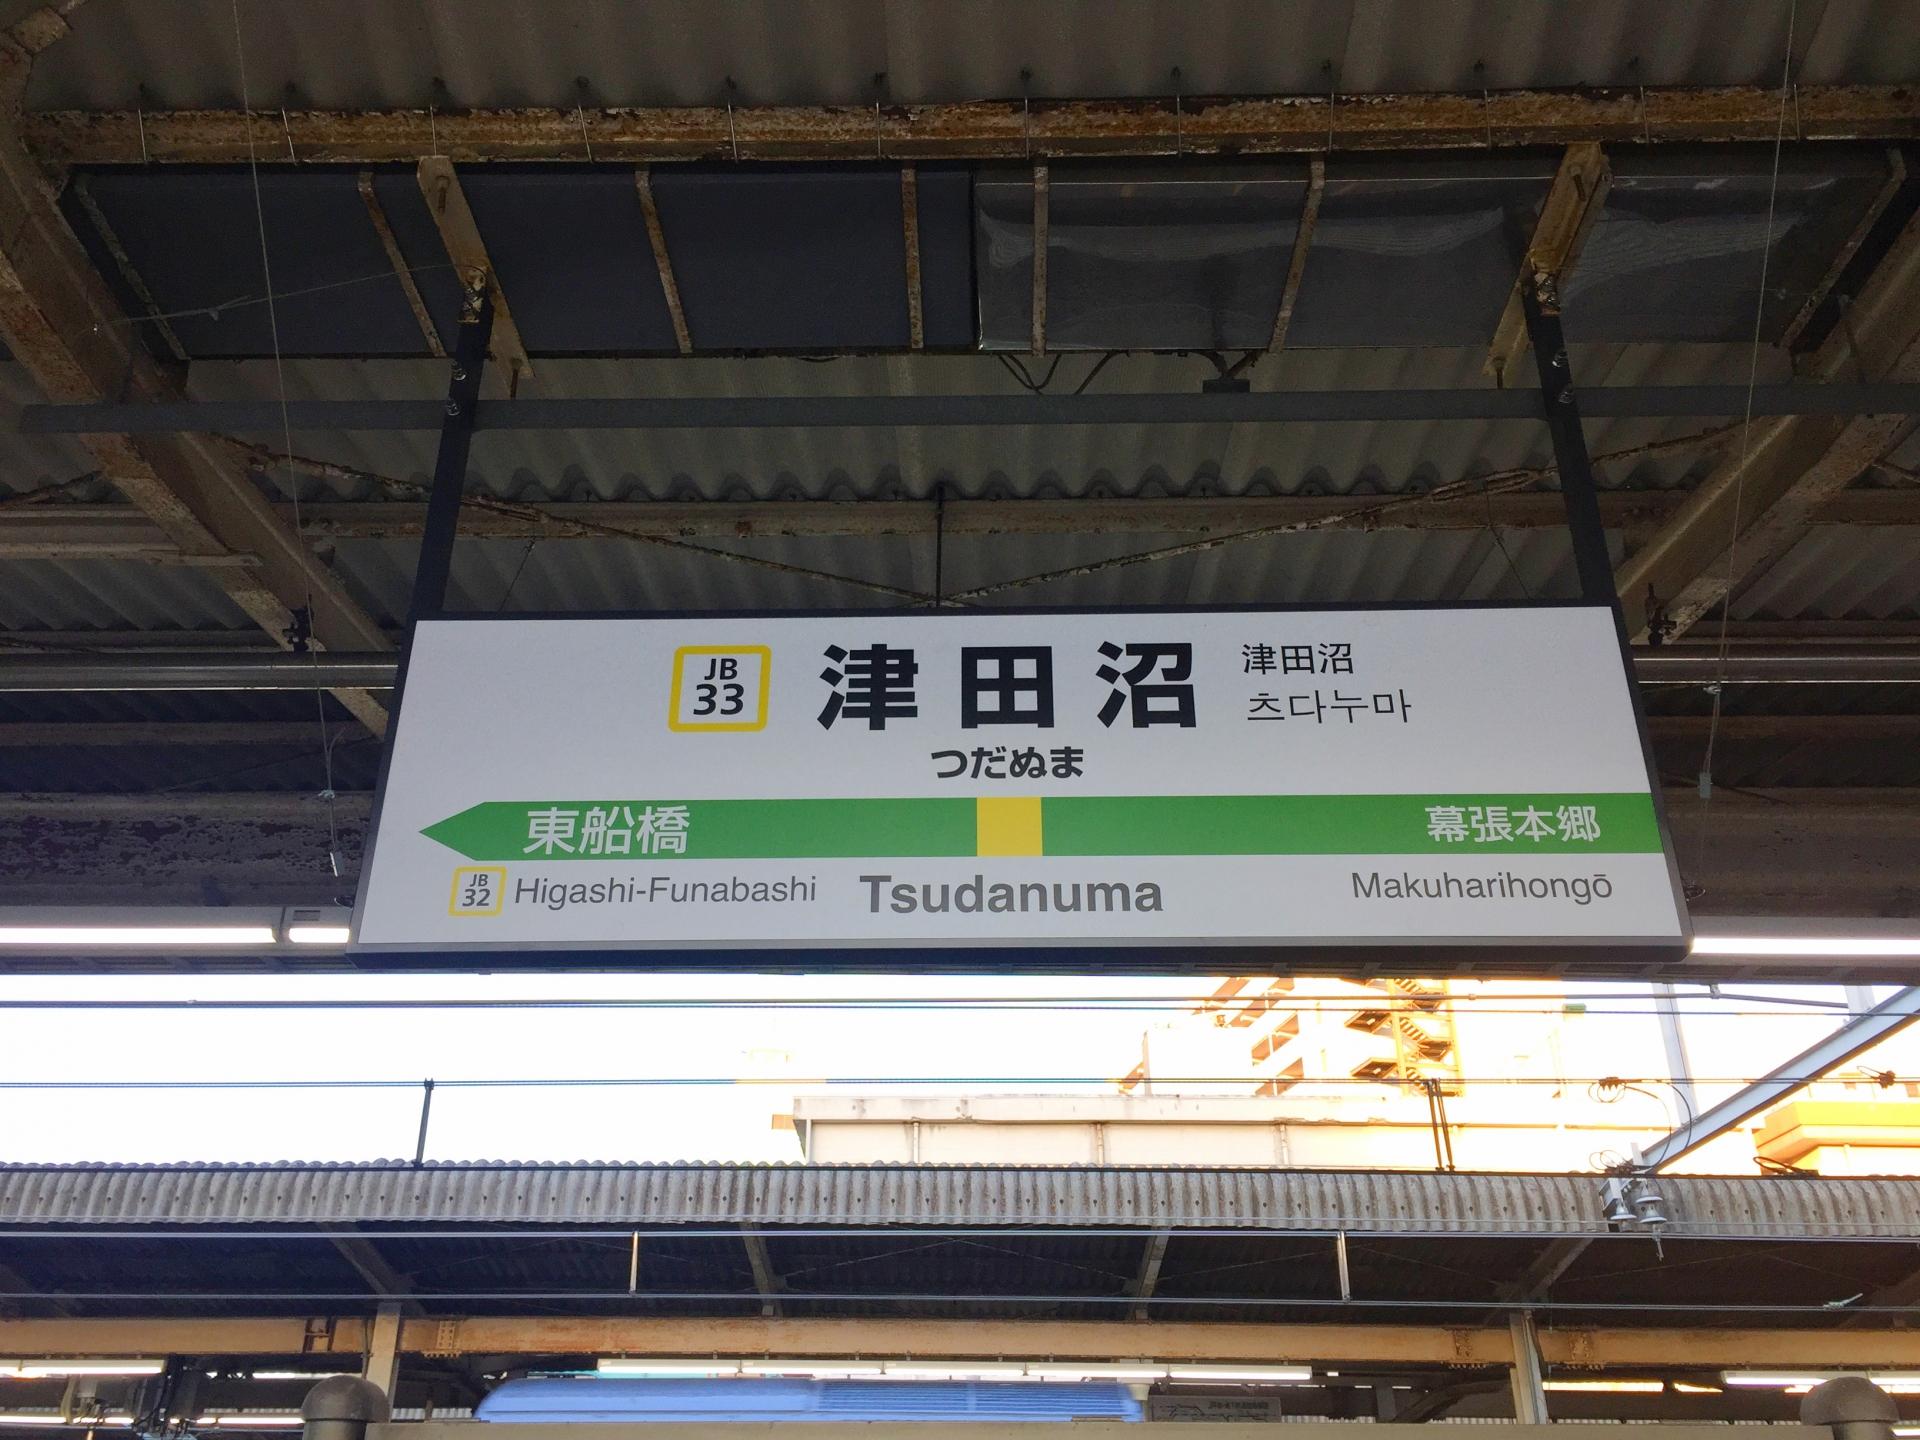 津田沼の本屋まとめ!大きい書店からマニア向けのお店まで一挙ご紹介!